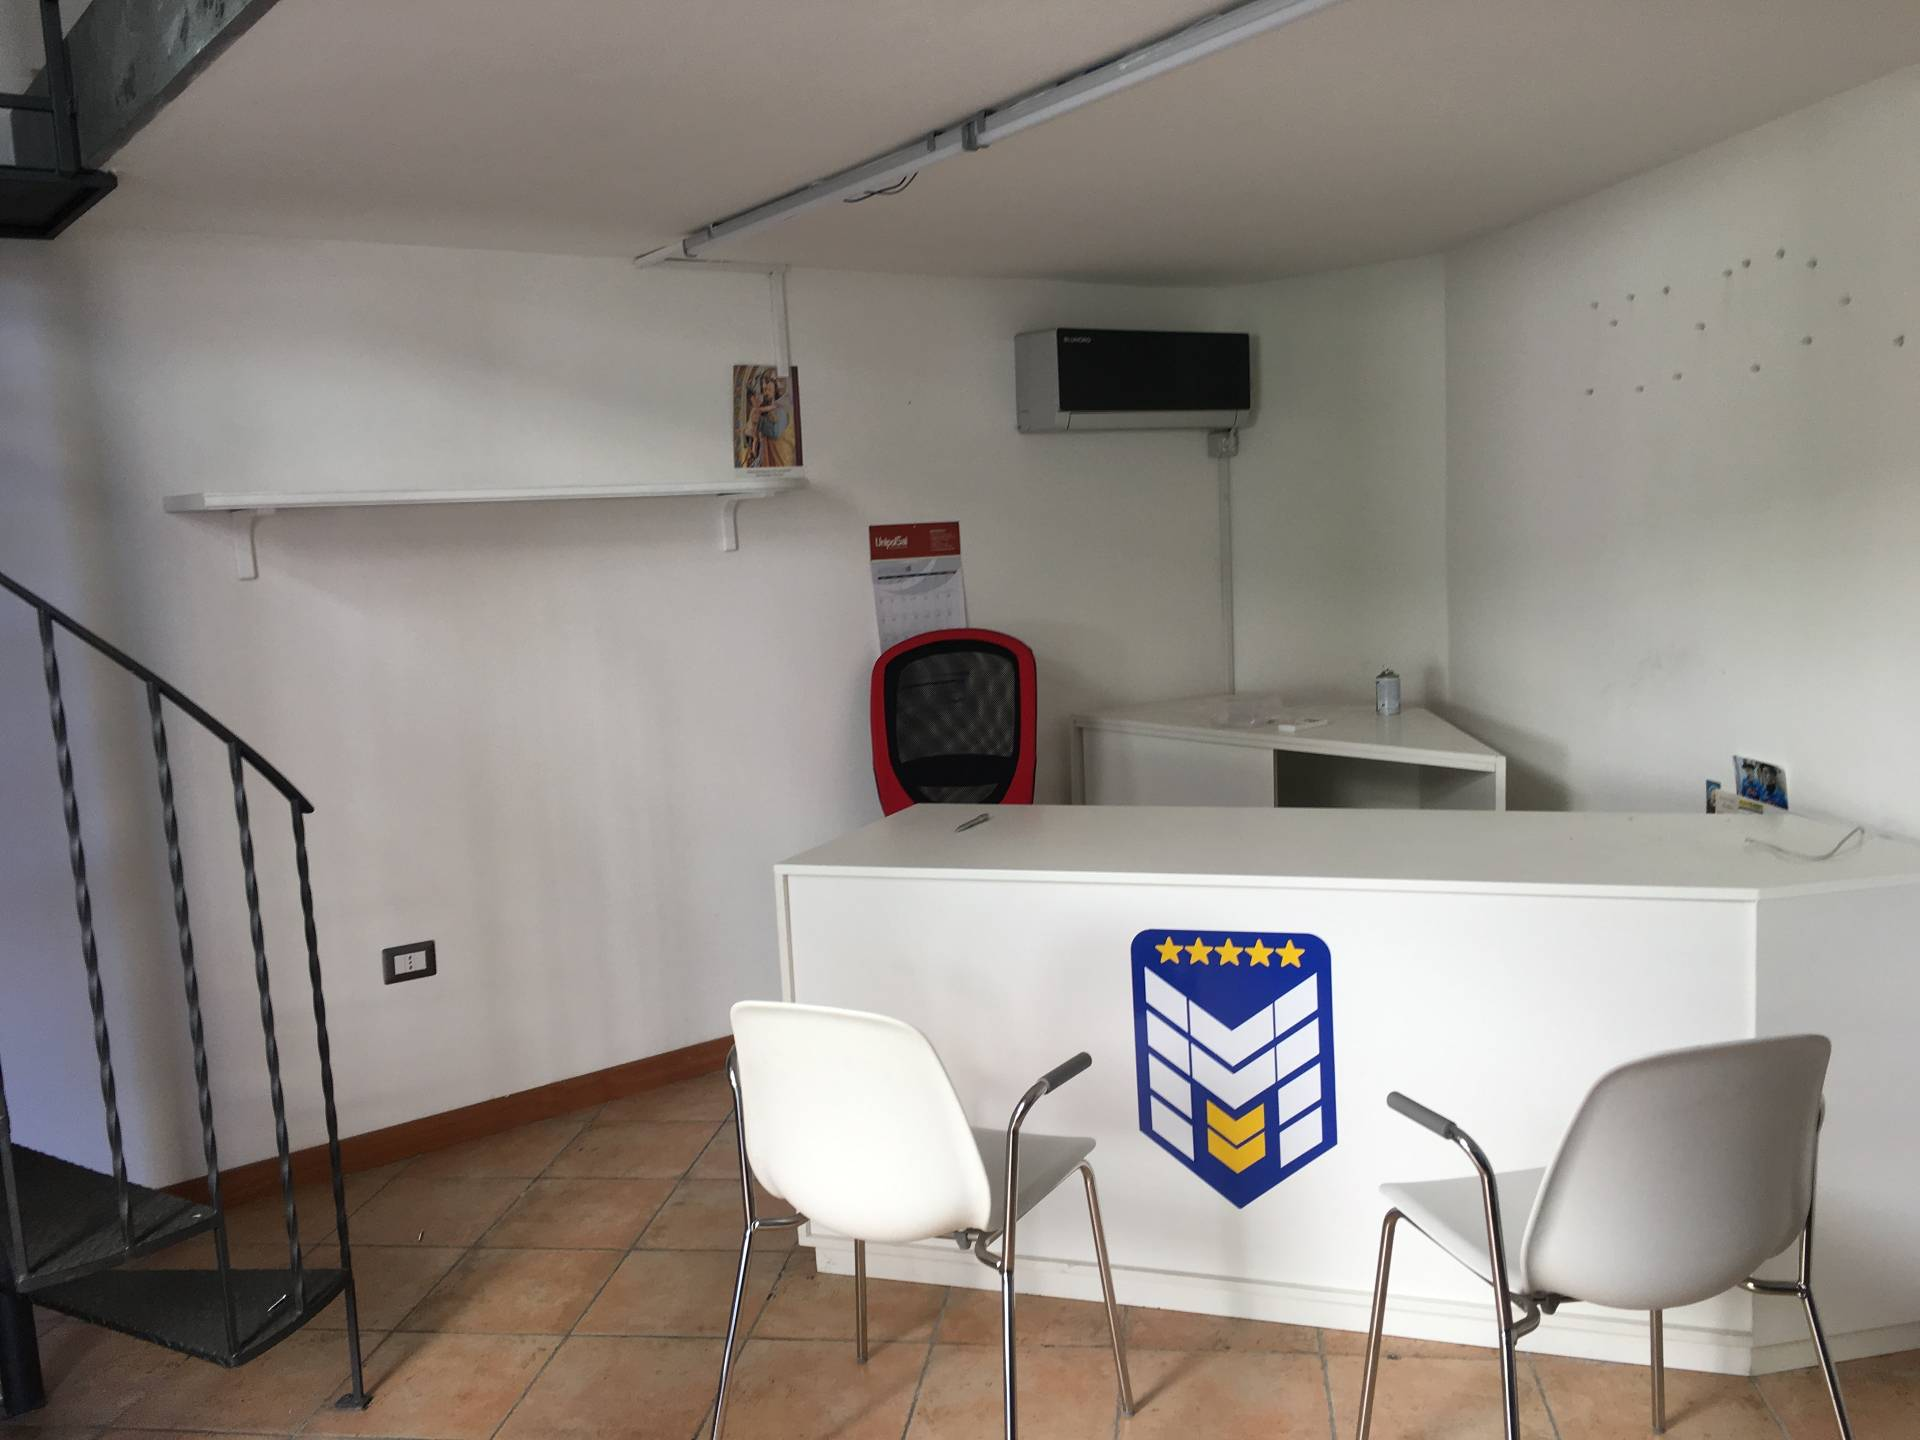 Negozio / Locale in affitto a San Giuseppe Vesuviano, 9999 locali, prezzo € 500 | CambioCasa.it